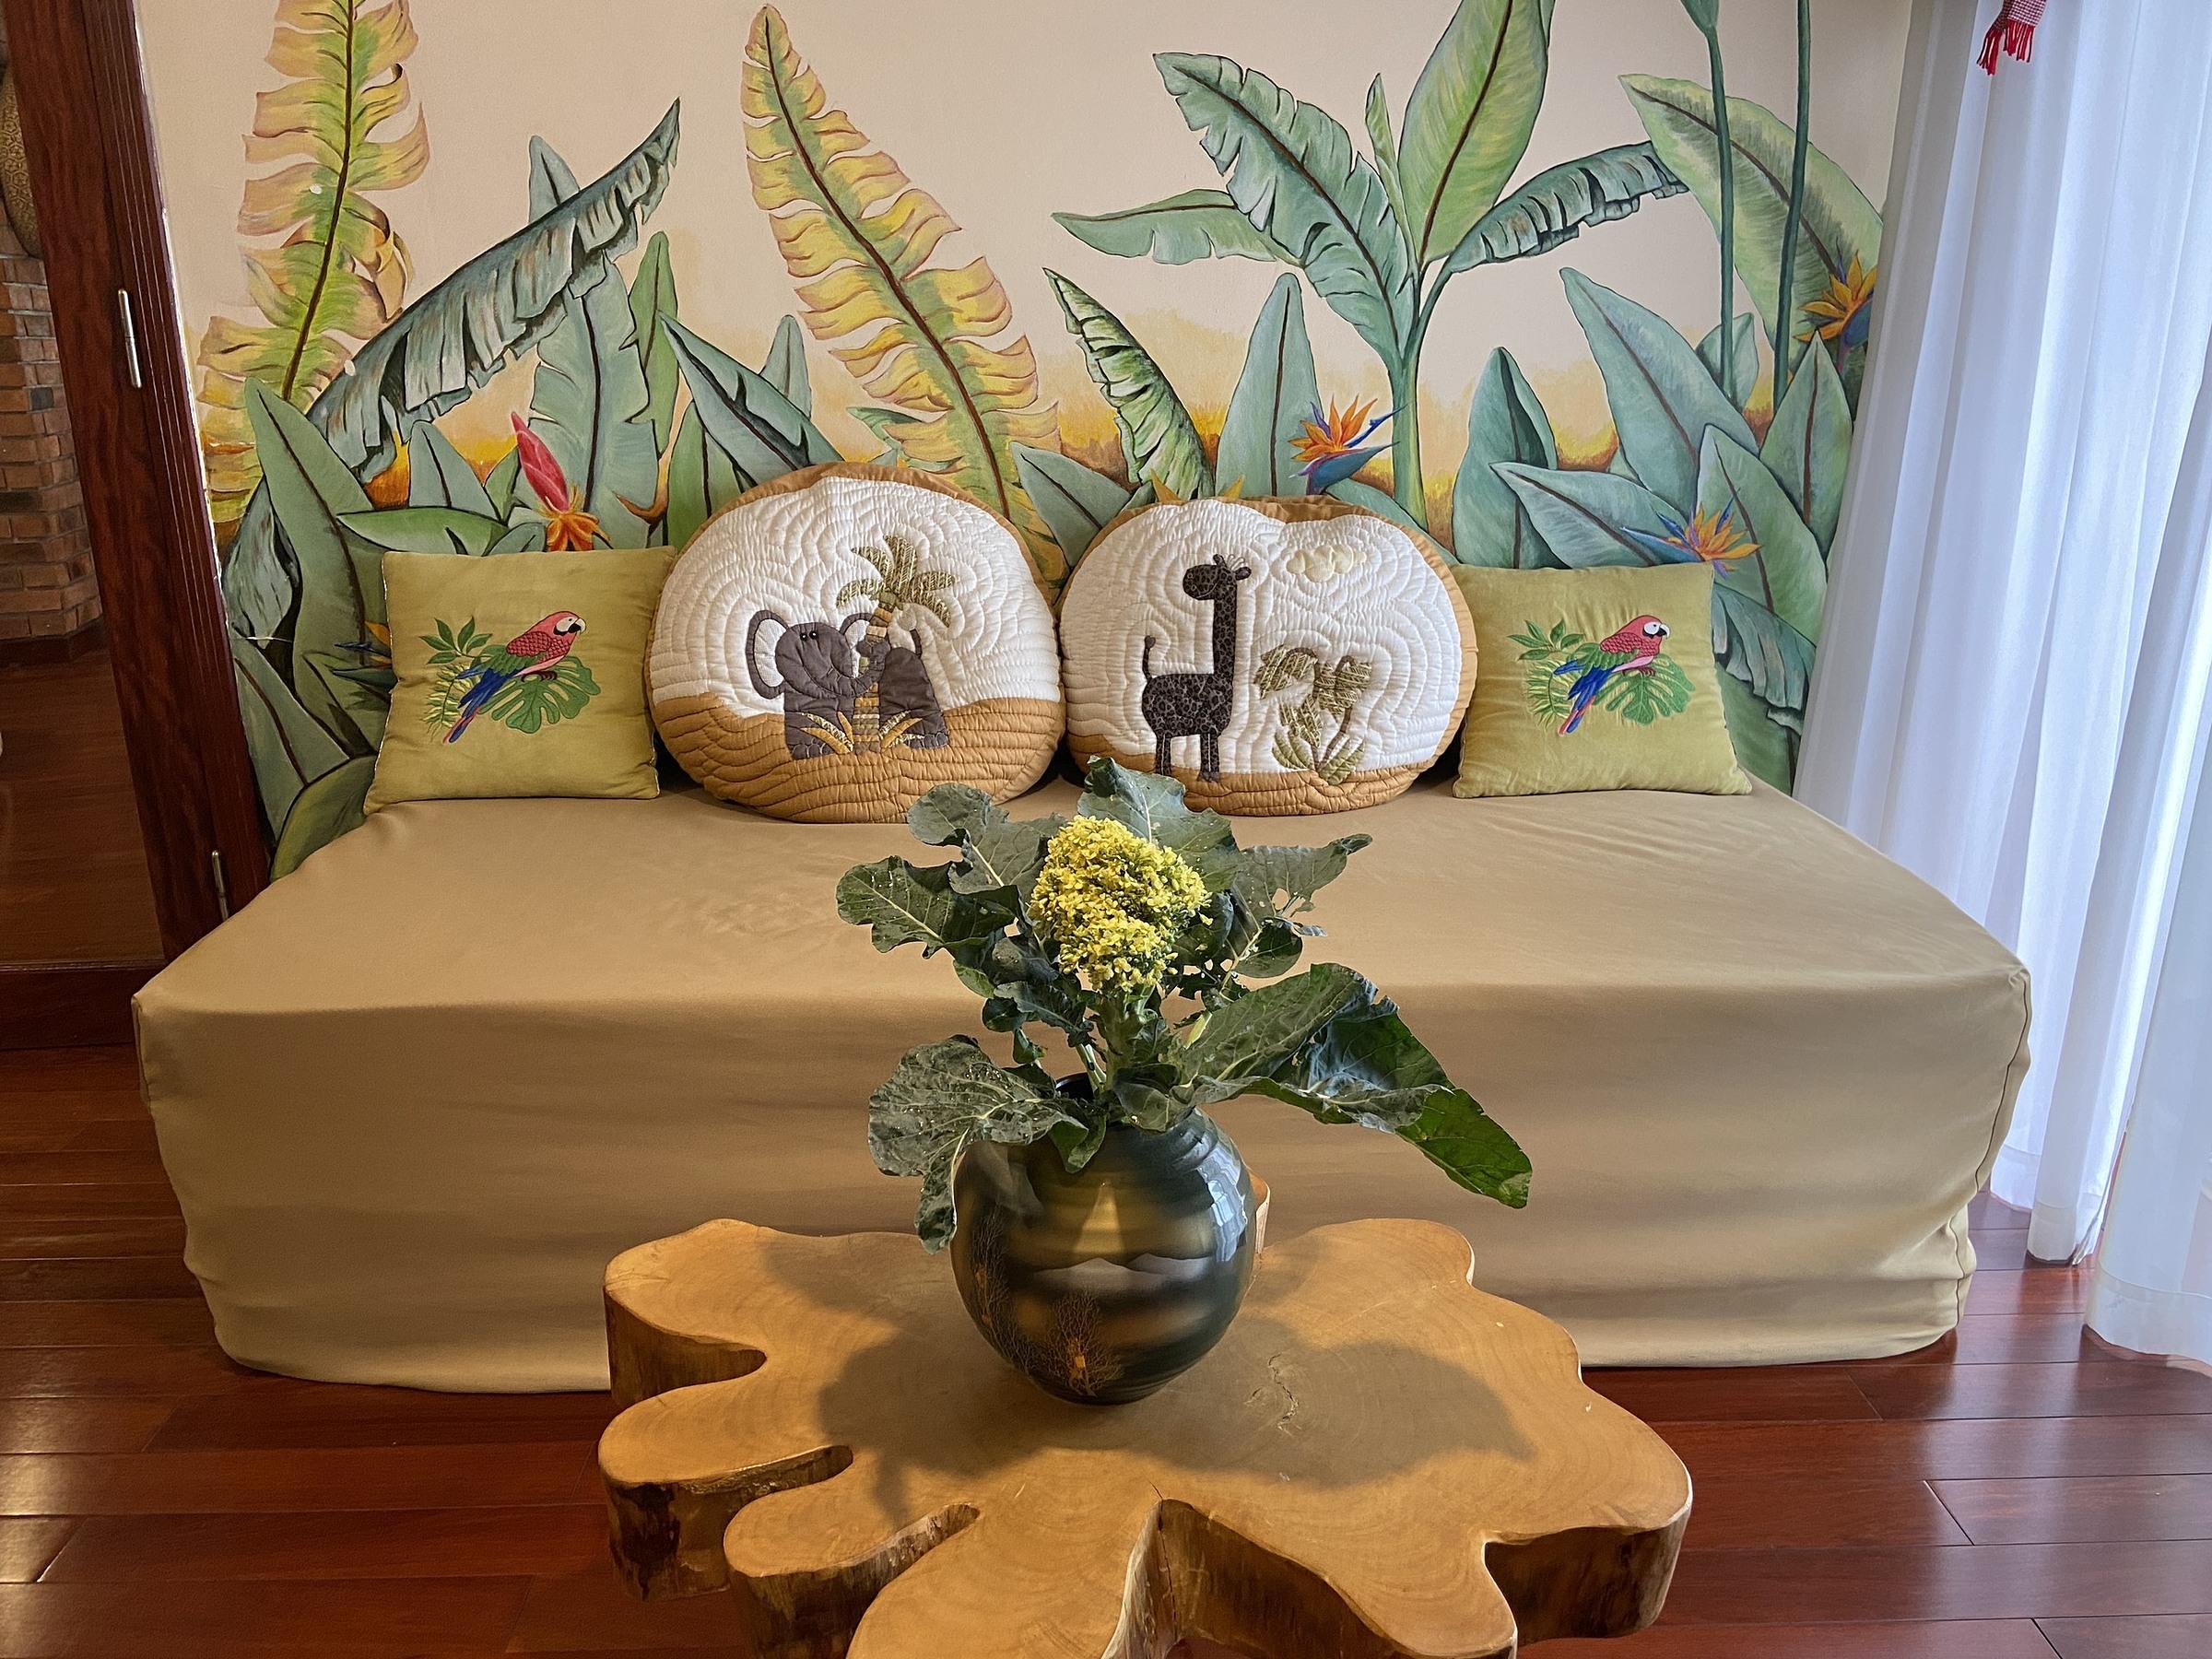 Cây súp lơ trở thành lọ hoa trang trí trong nhà.